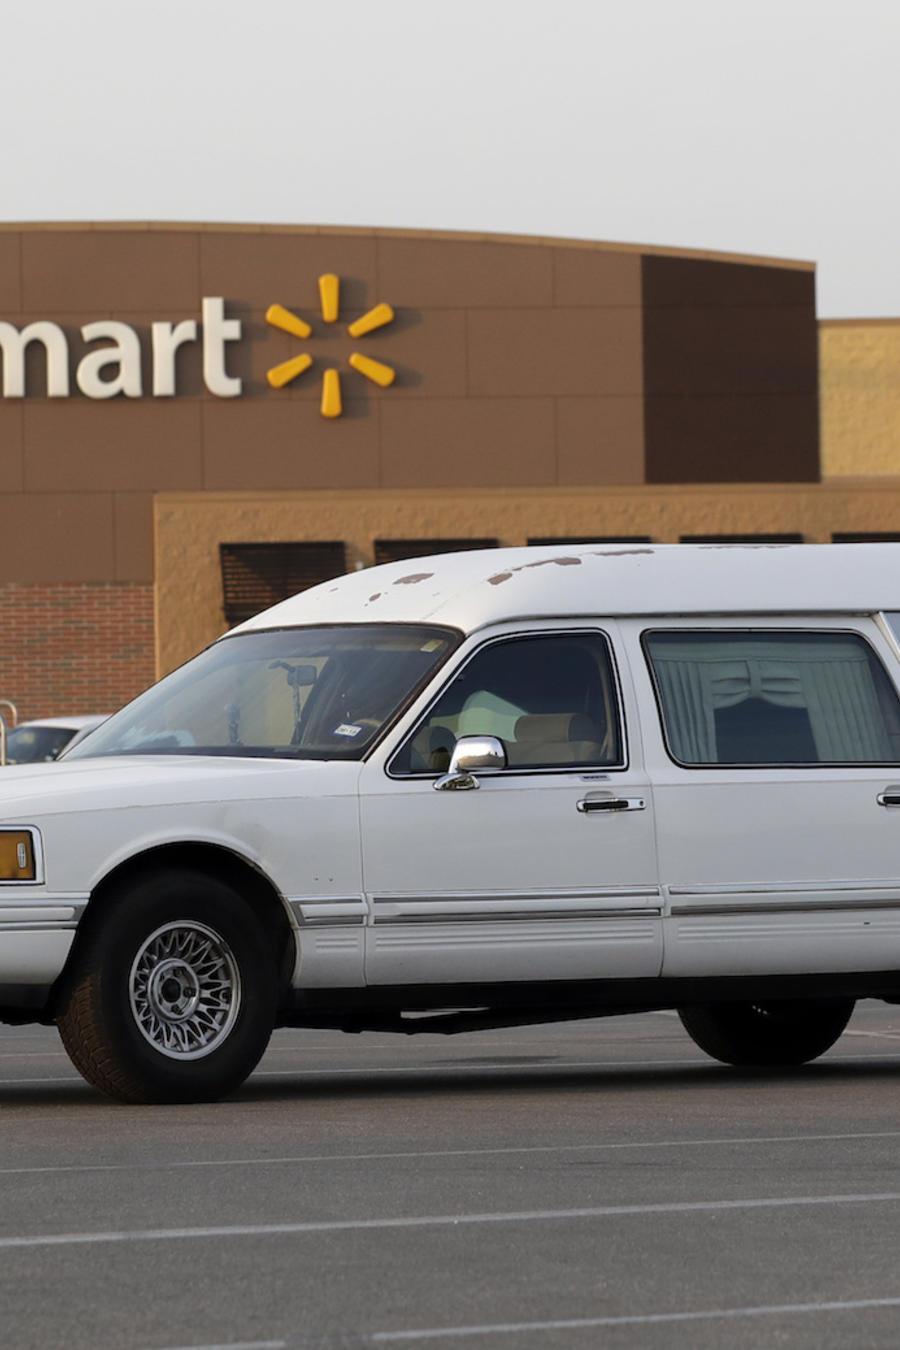 Un coche fúnebre en el aparcamiento del Walmart en San Antonio.